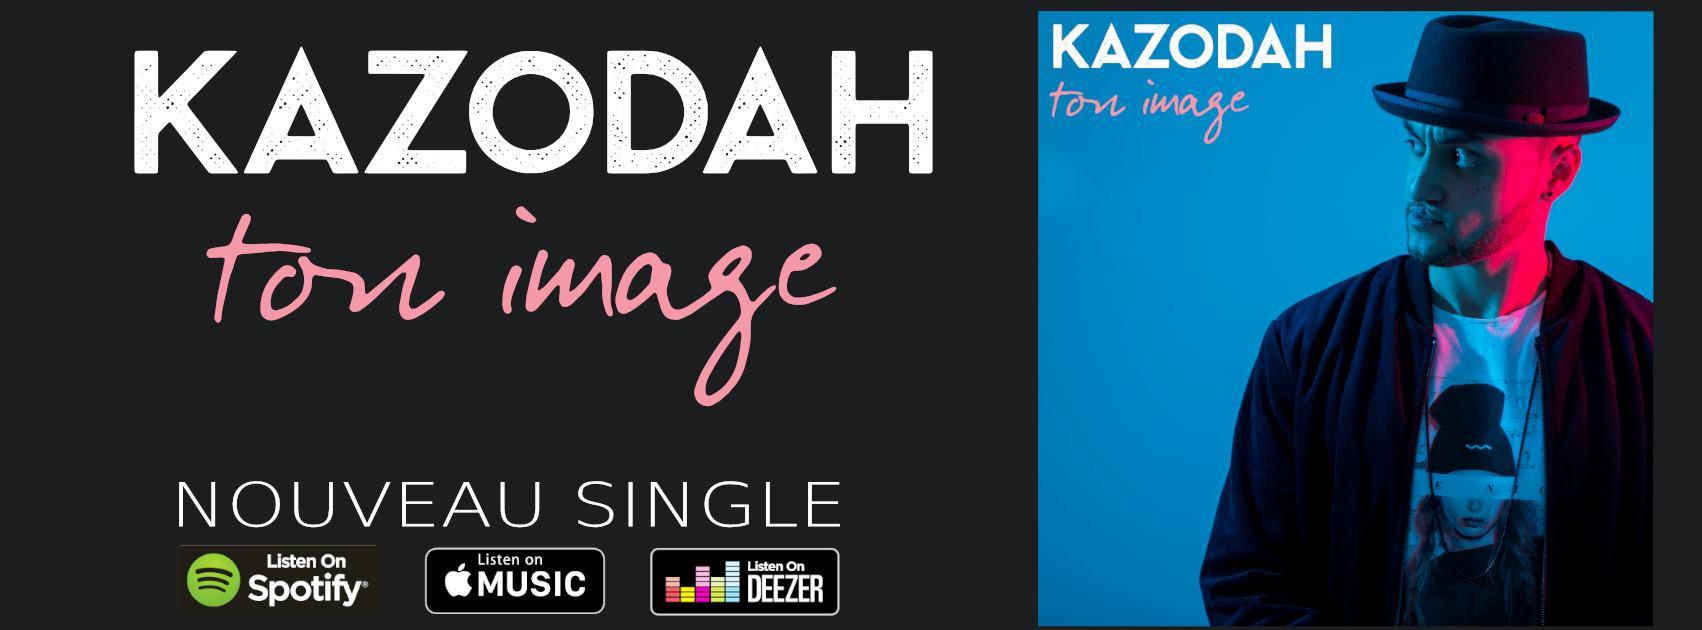 À la découverte de Kazodah dans Ton image